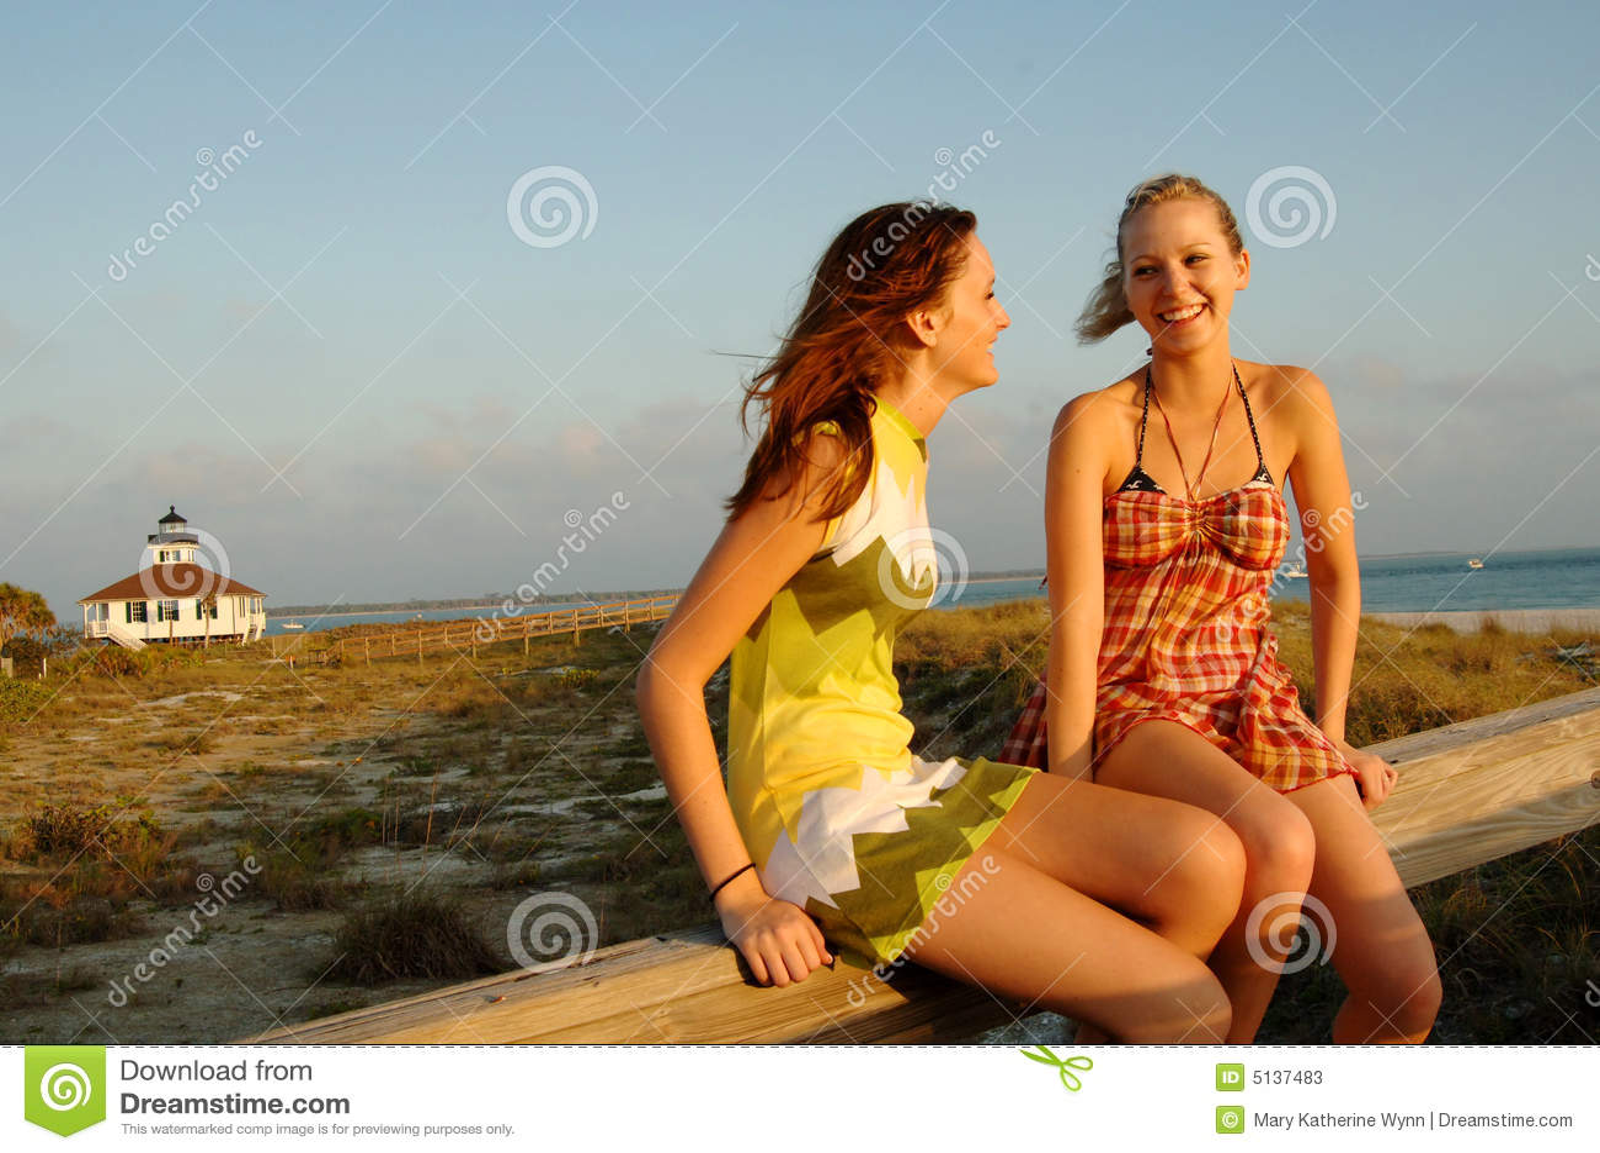 Casser la plage de l'adolescence bikini